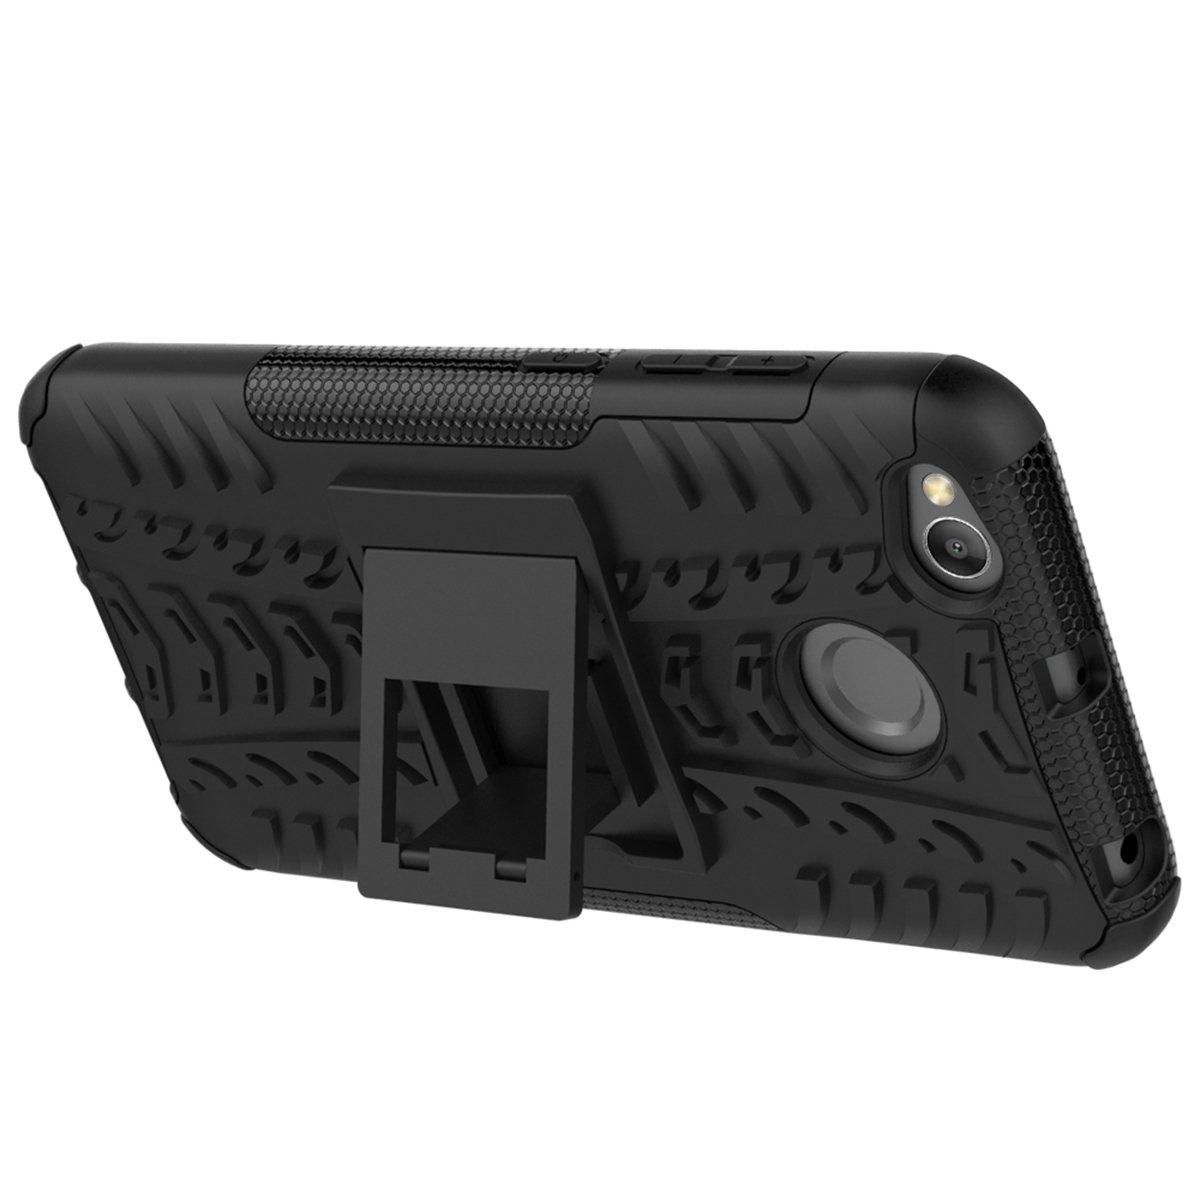 FindaGift Doble capa 2 en 1 Soft TPU Verde Anti-rasgu/ños PC dura Armadura Cover Antichoque Protecci/ón completa del cuerpo Xiaomi Redmi 4X Funda Bumper Back Case con Kickstand para Xiaomi Redmi 4X